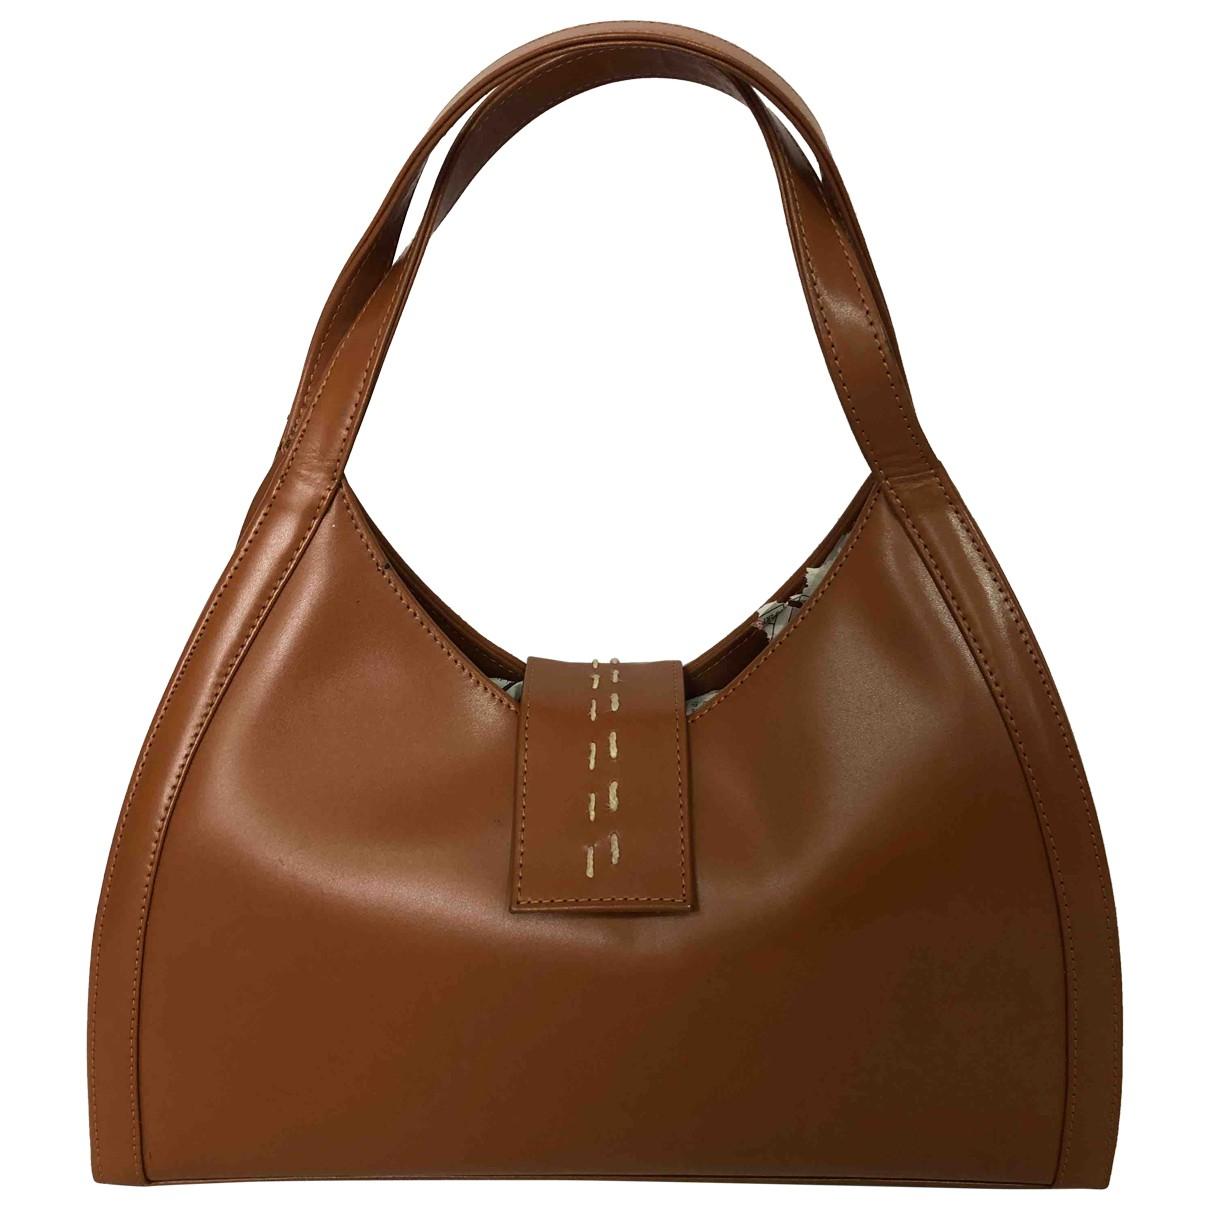 Fratelli Rossetti N Brown Leather handbag for Women N